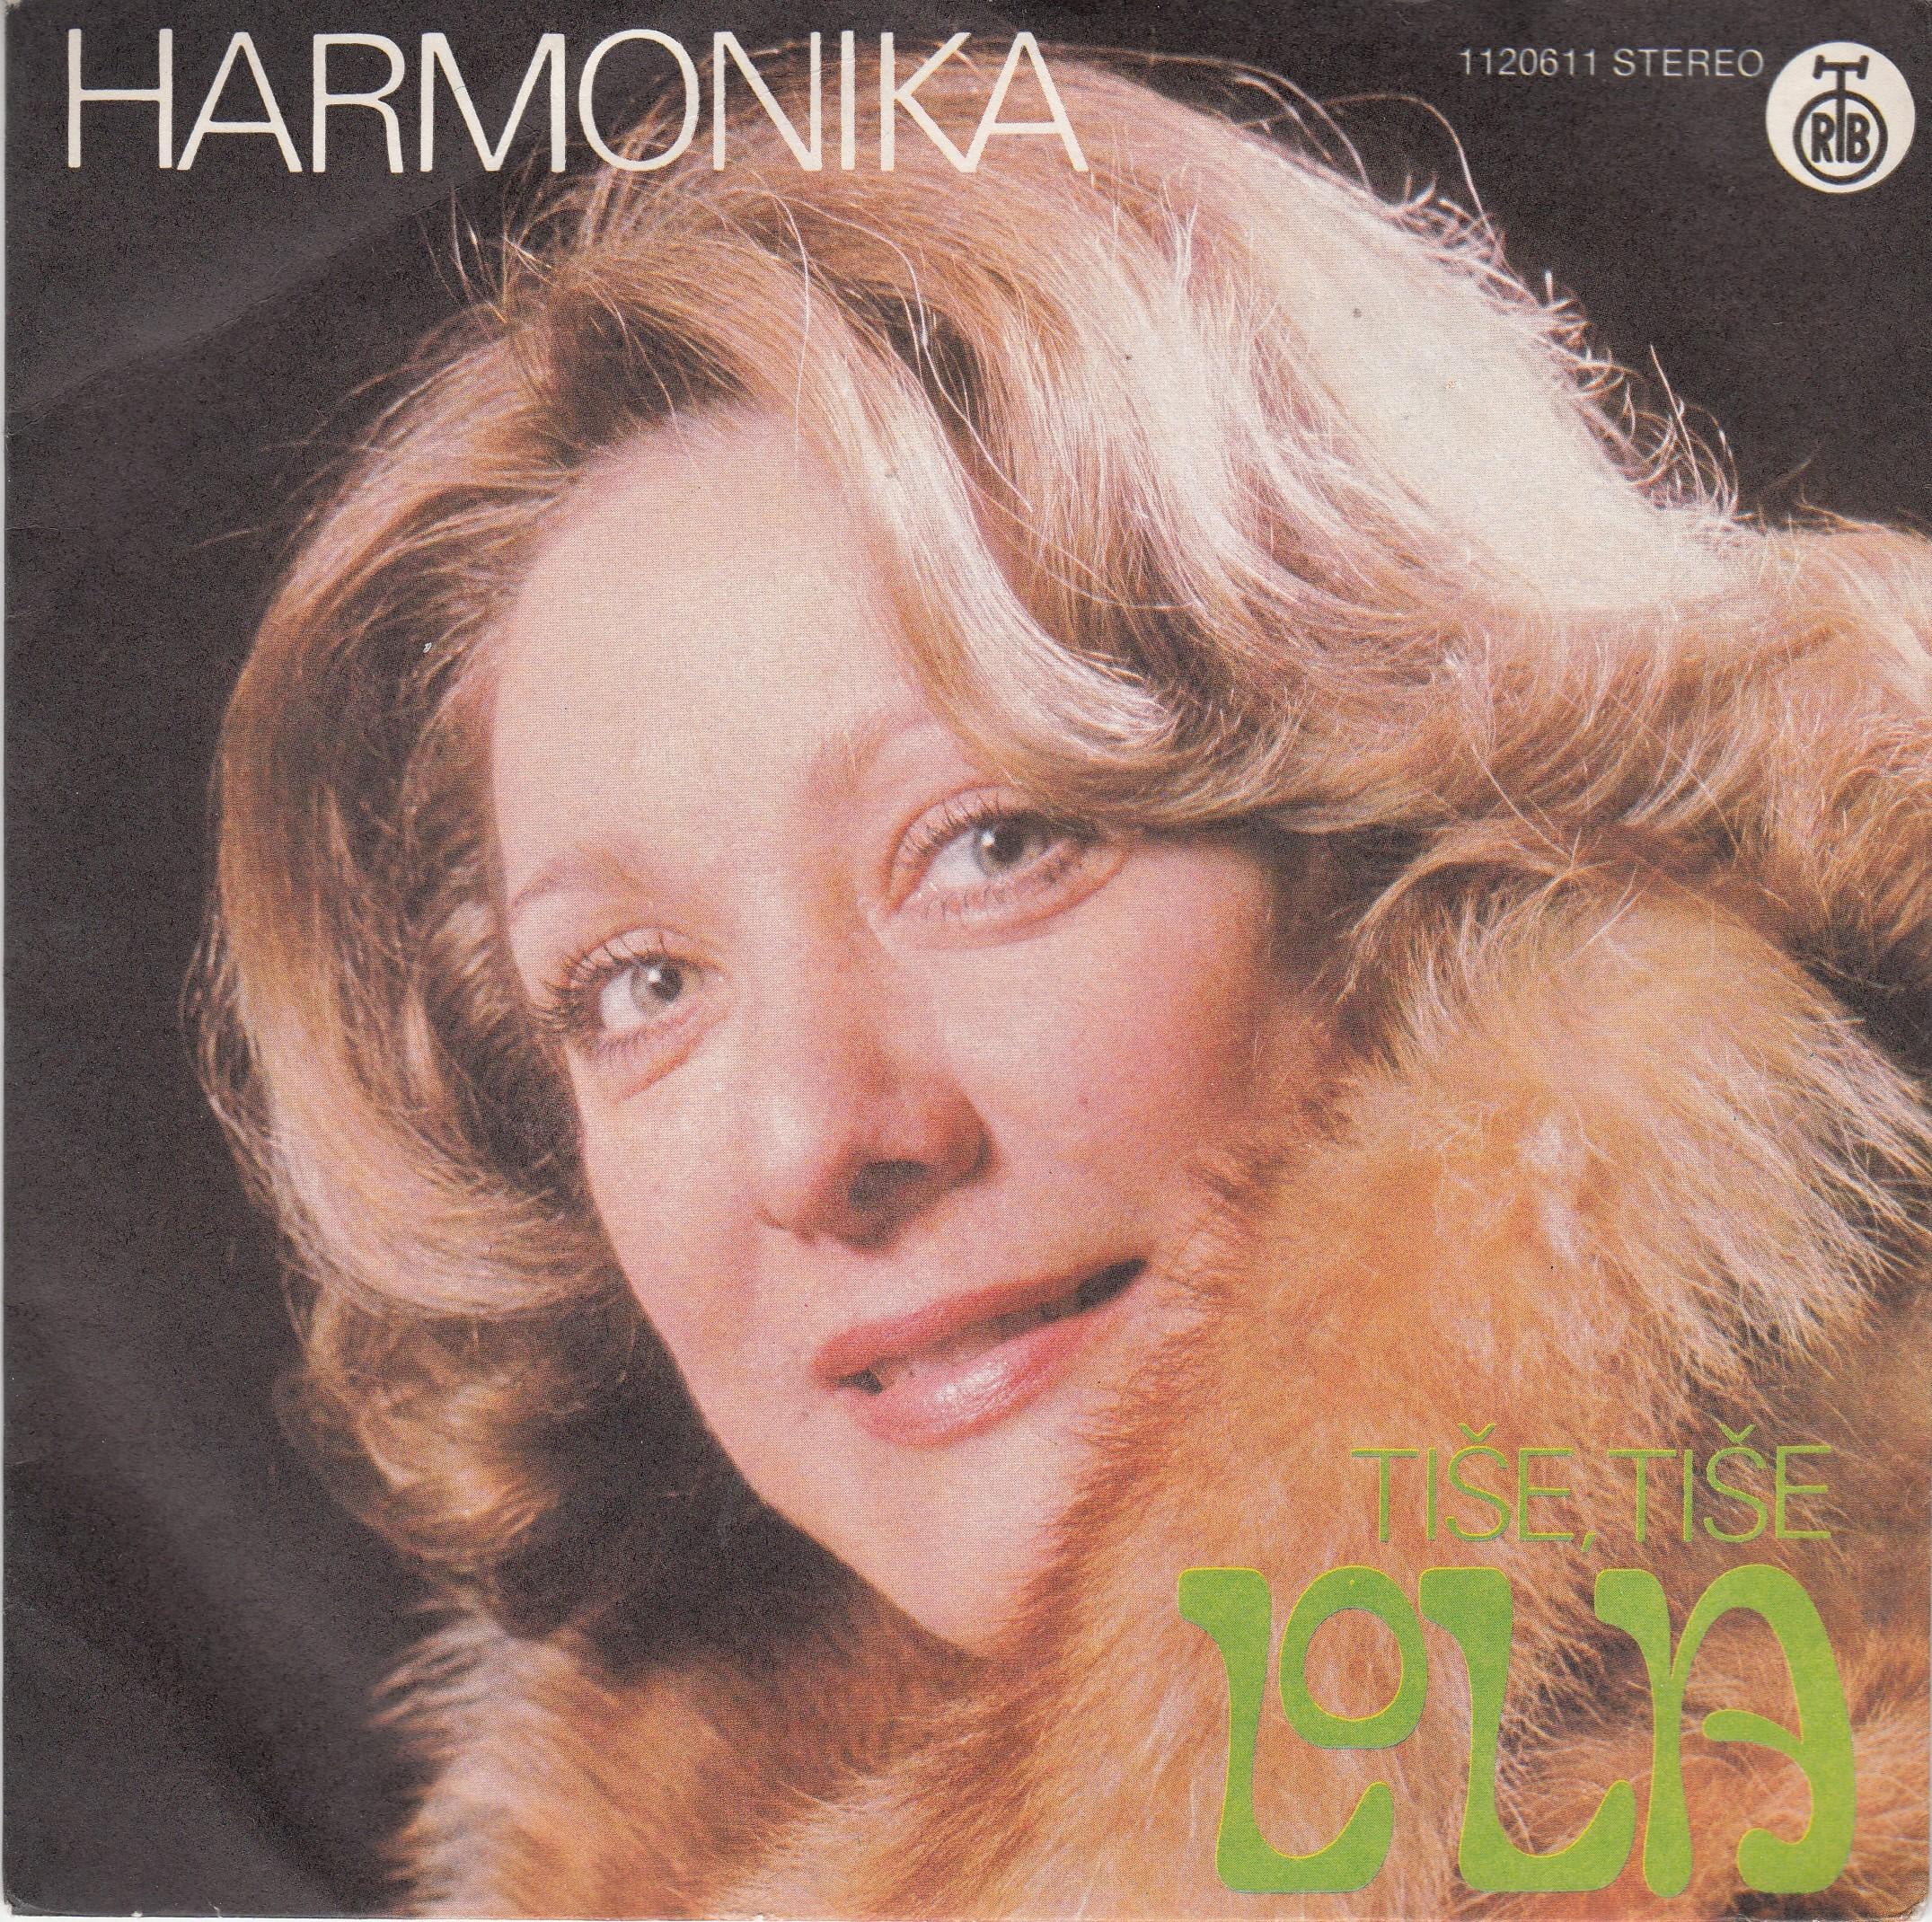 Novakovic Lola - Harmonika/tise Tise